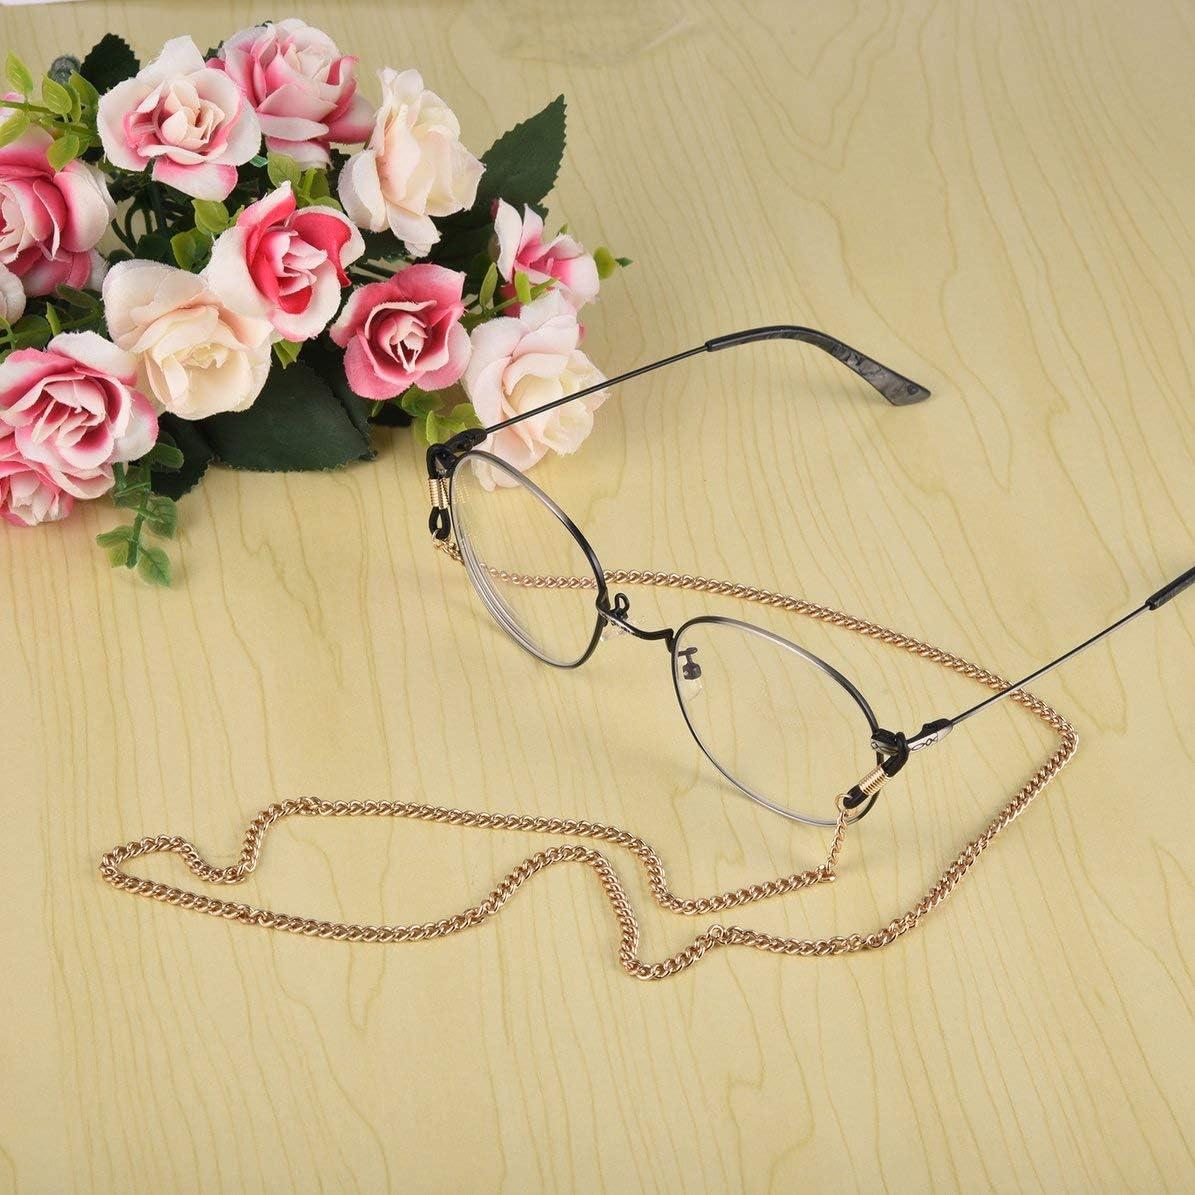 Occhiali delicati alla Moda Occhiali Collana a Catena Corda per Occhiali Supporto per Tracolla Cordino per Collo Regali per Amici MarinoBIRD